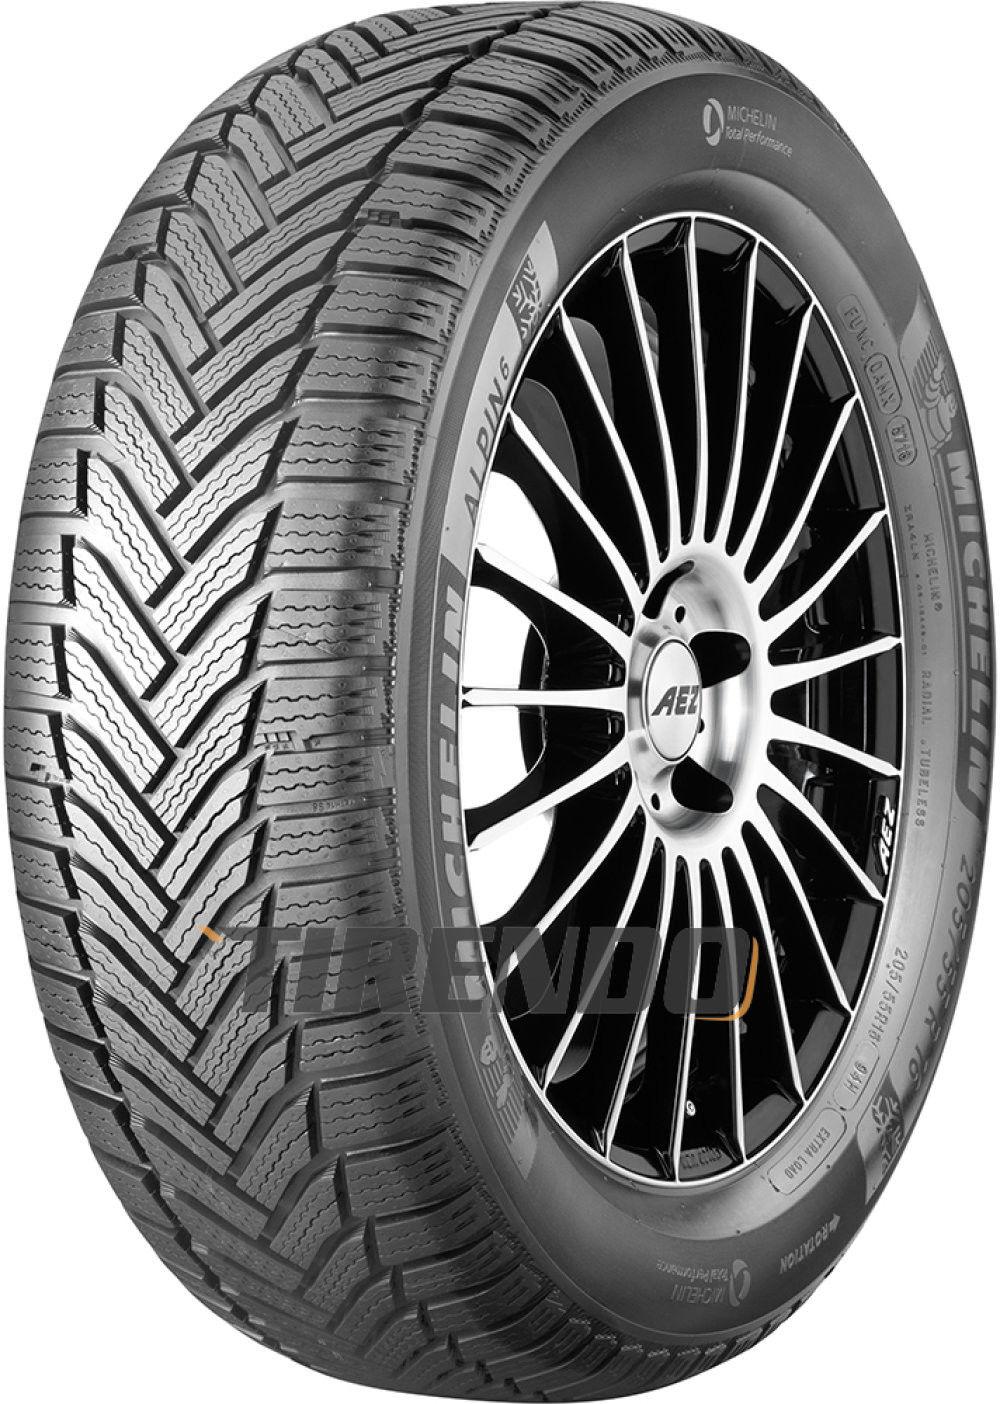 Michelin Alpin 6 205/60R17 93 H